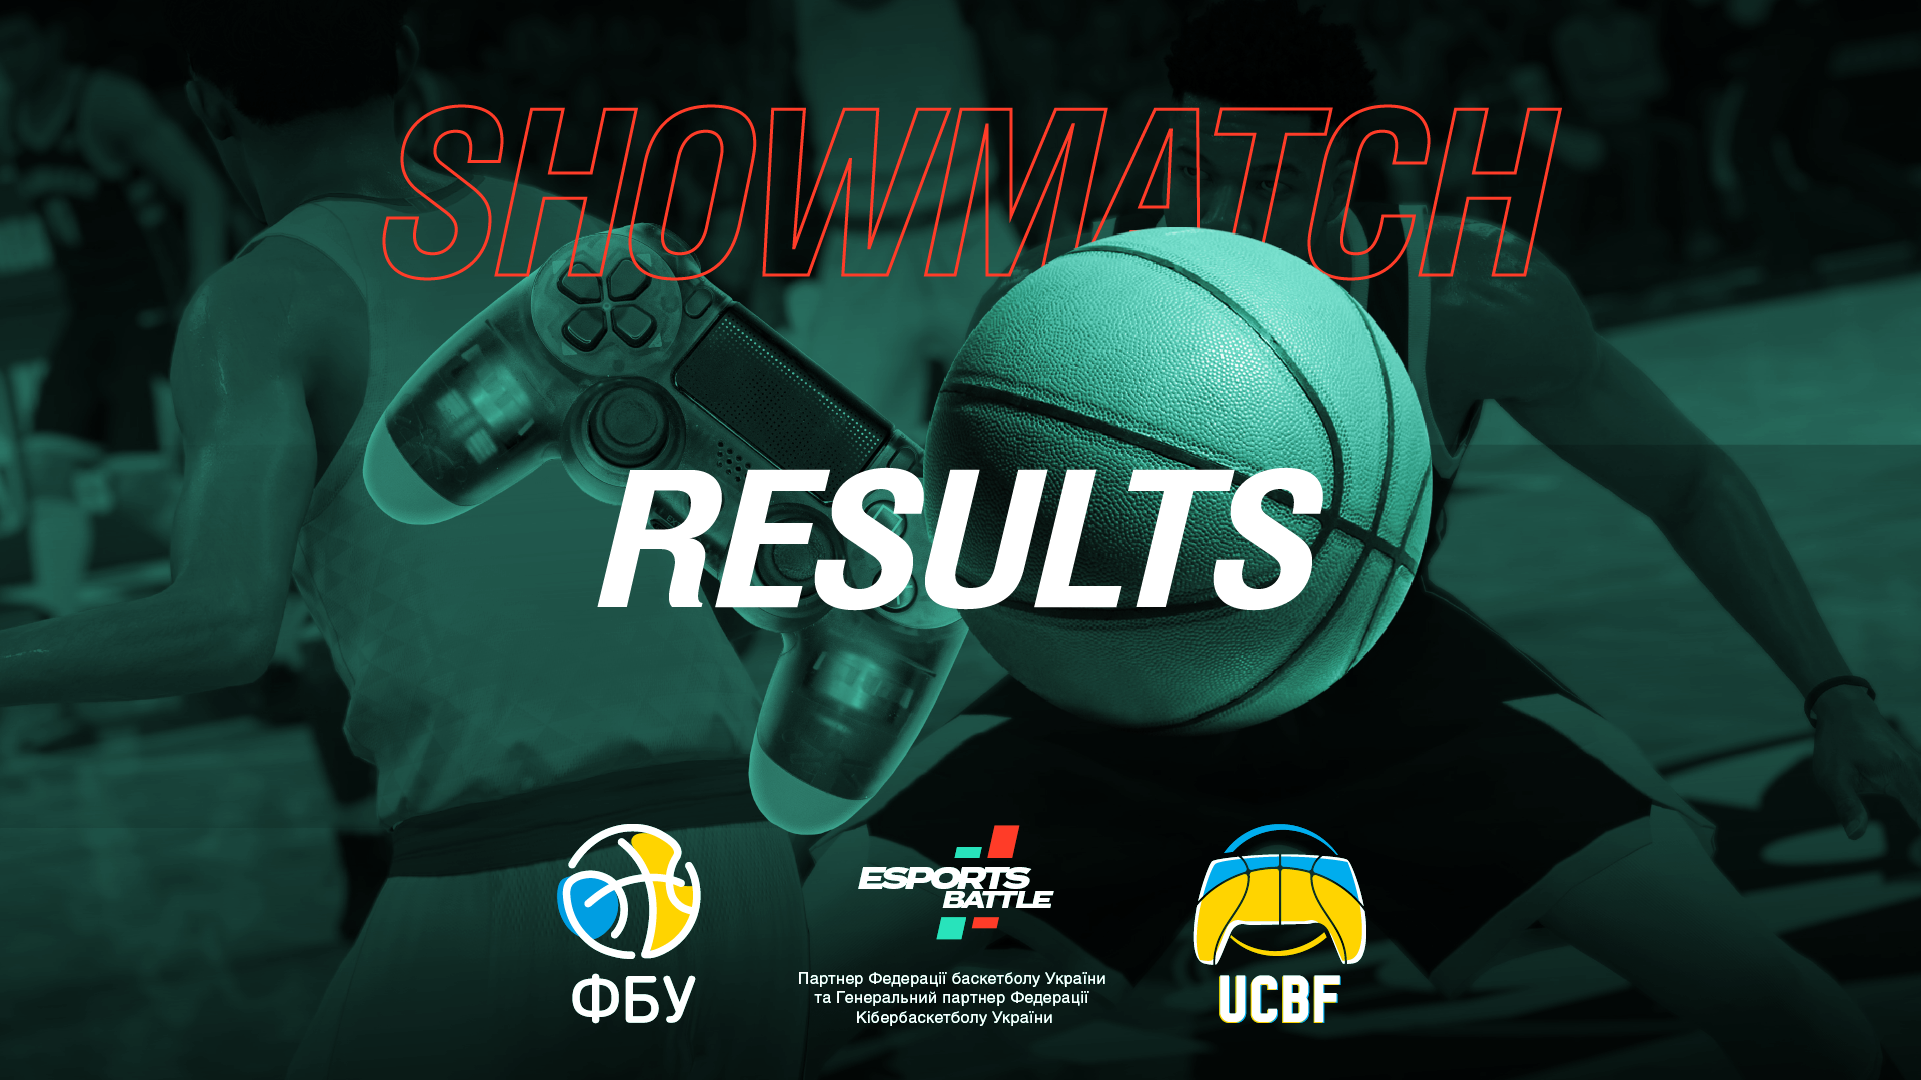 Прем'єрний кібербаскетбольний шоу-матч ESportsBattle, Федерації баскетболу України та Федерації кібербаскетболу України